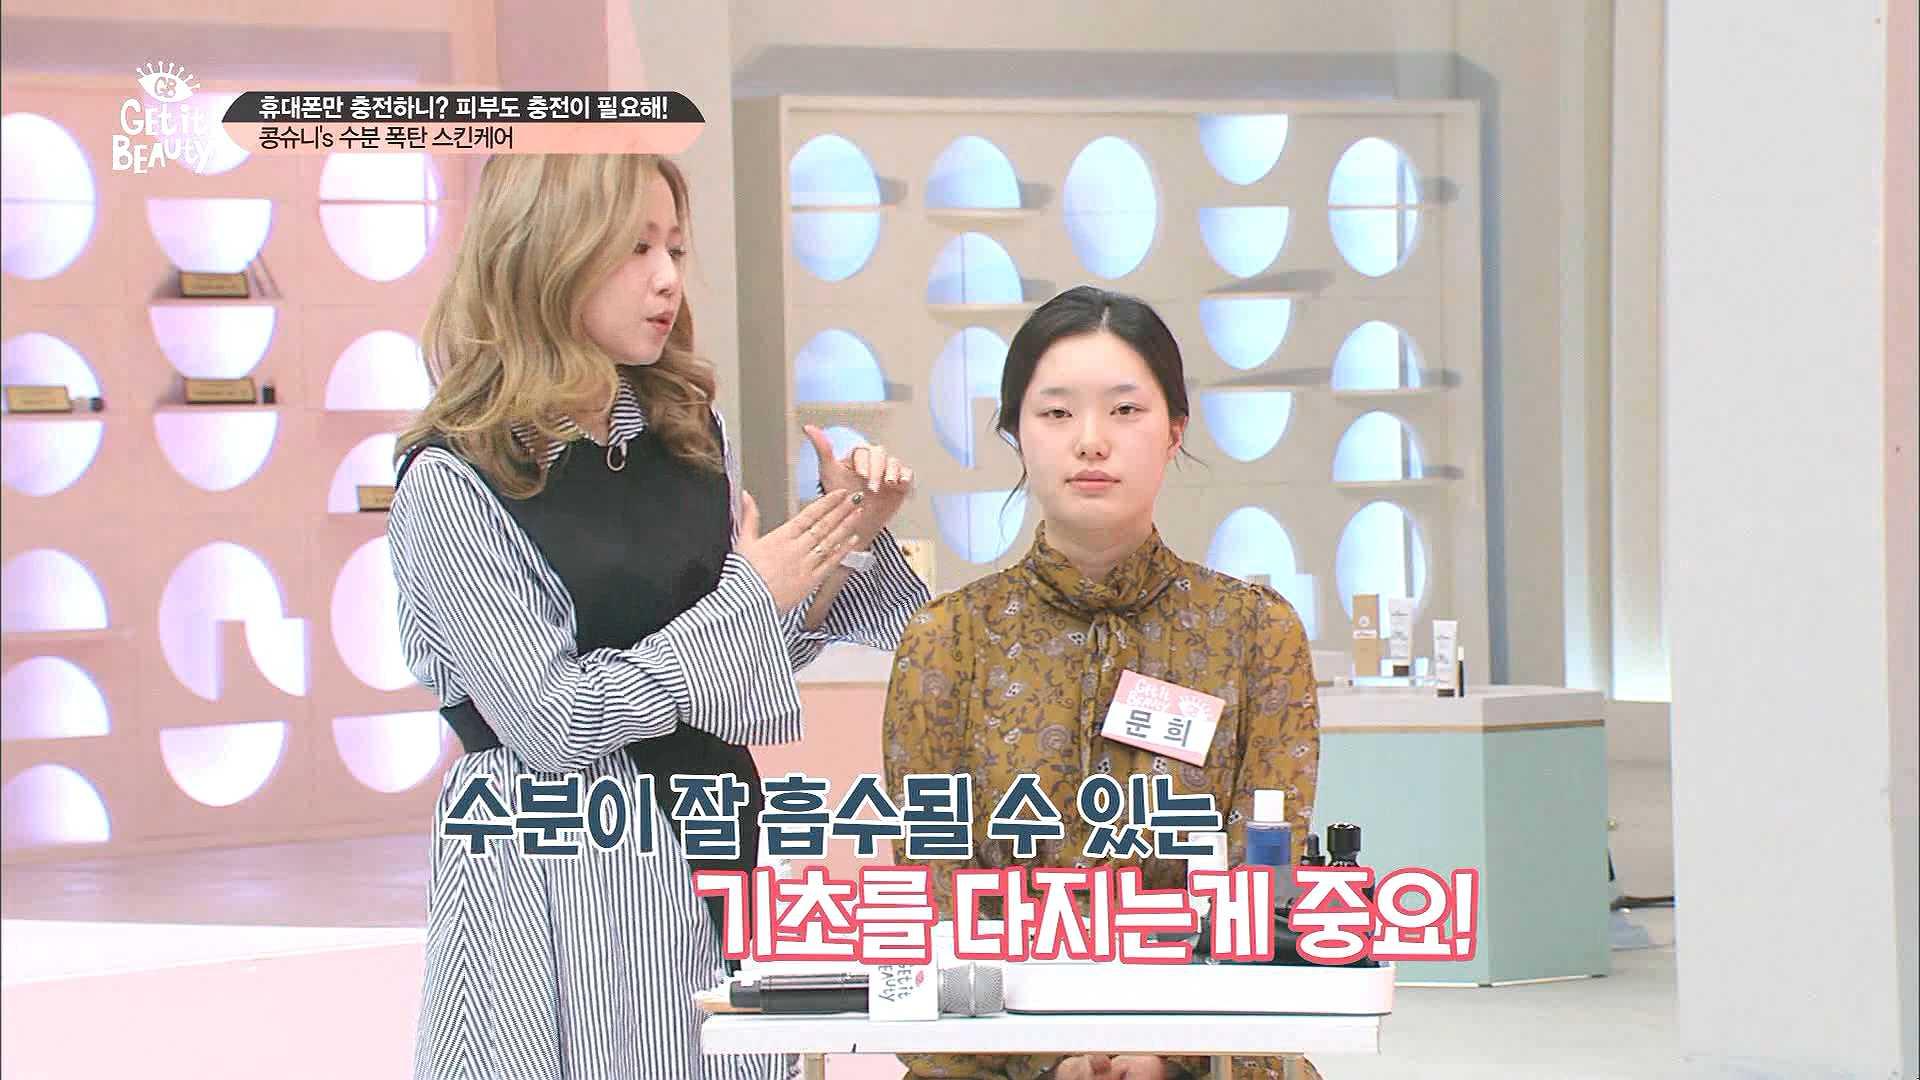 못생김'을 뜯어내고 '예쁨'과 영접할 수 있는 '촉촉 3단 보습팩'!